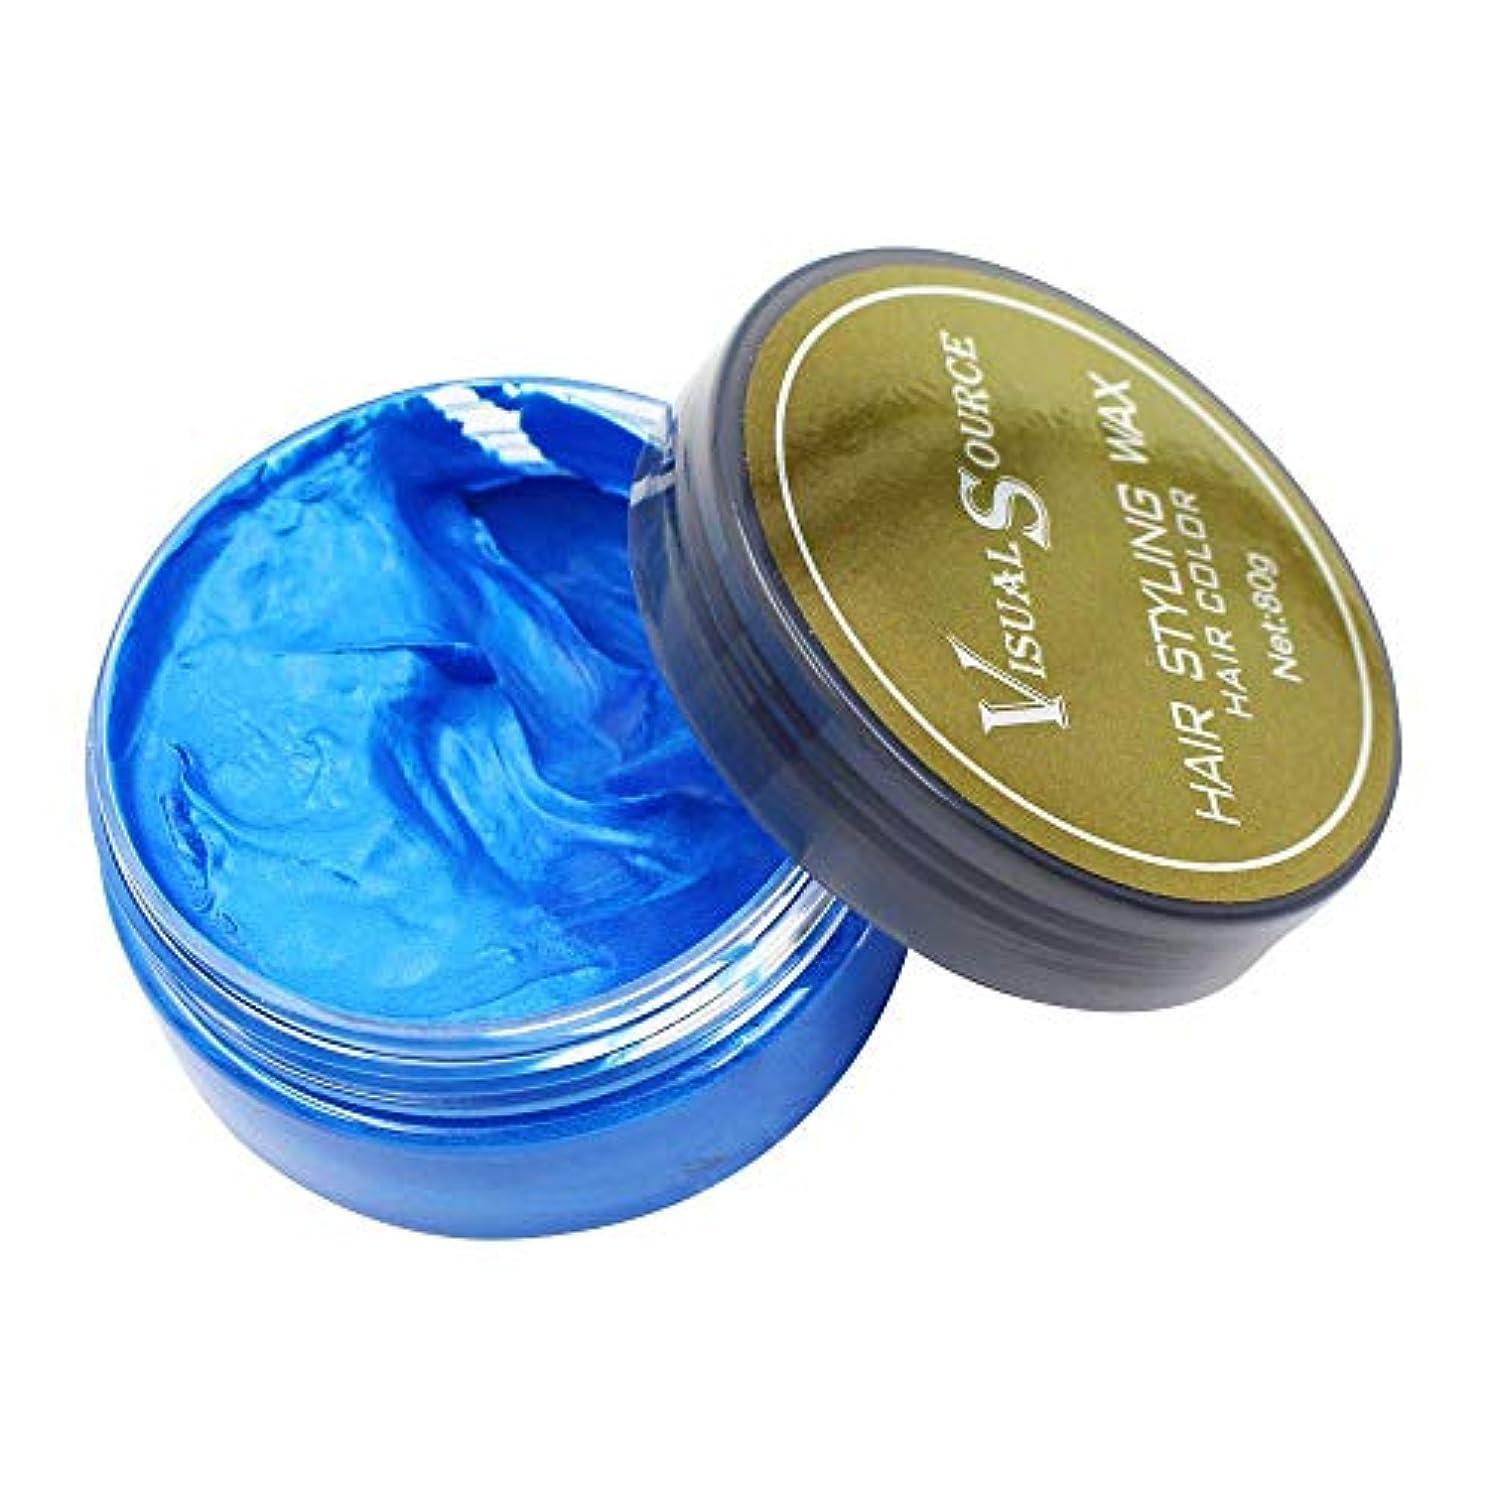 粘液準備虚弱女性と男性のロックスター効果、ヘアスタイリングポマード - ミディアムファームホールド - イージースタイリングのためのヘアワックス染料ナチュラルカラー (青)